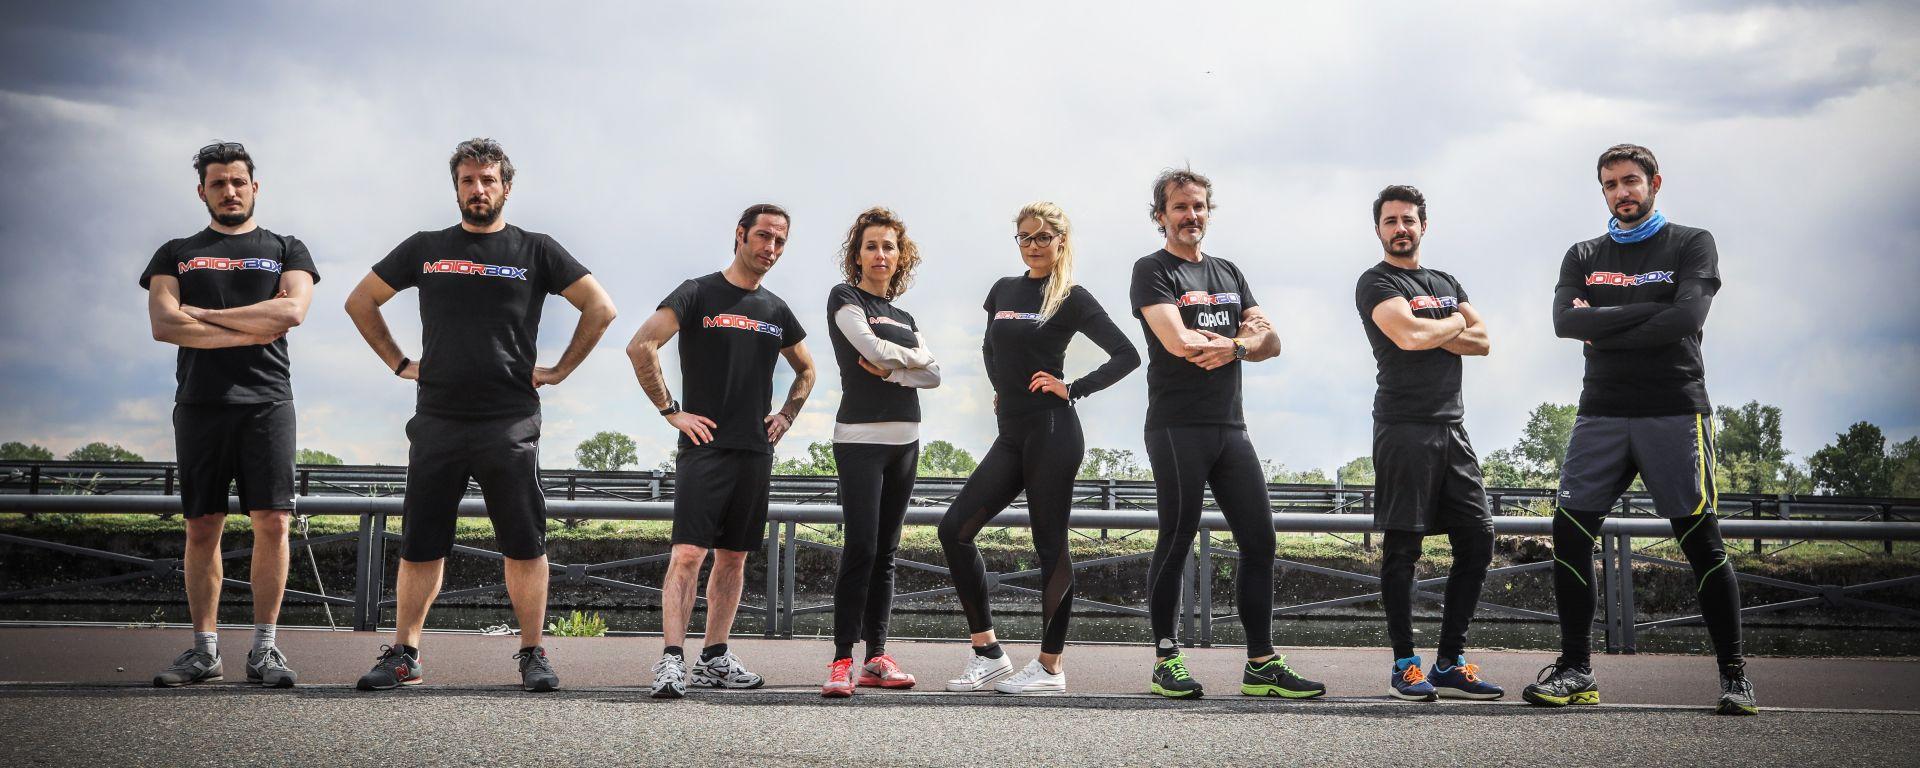 Kia Wings For Life: come ci si veste per una maratona? [VIDEO]